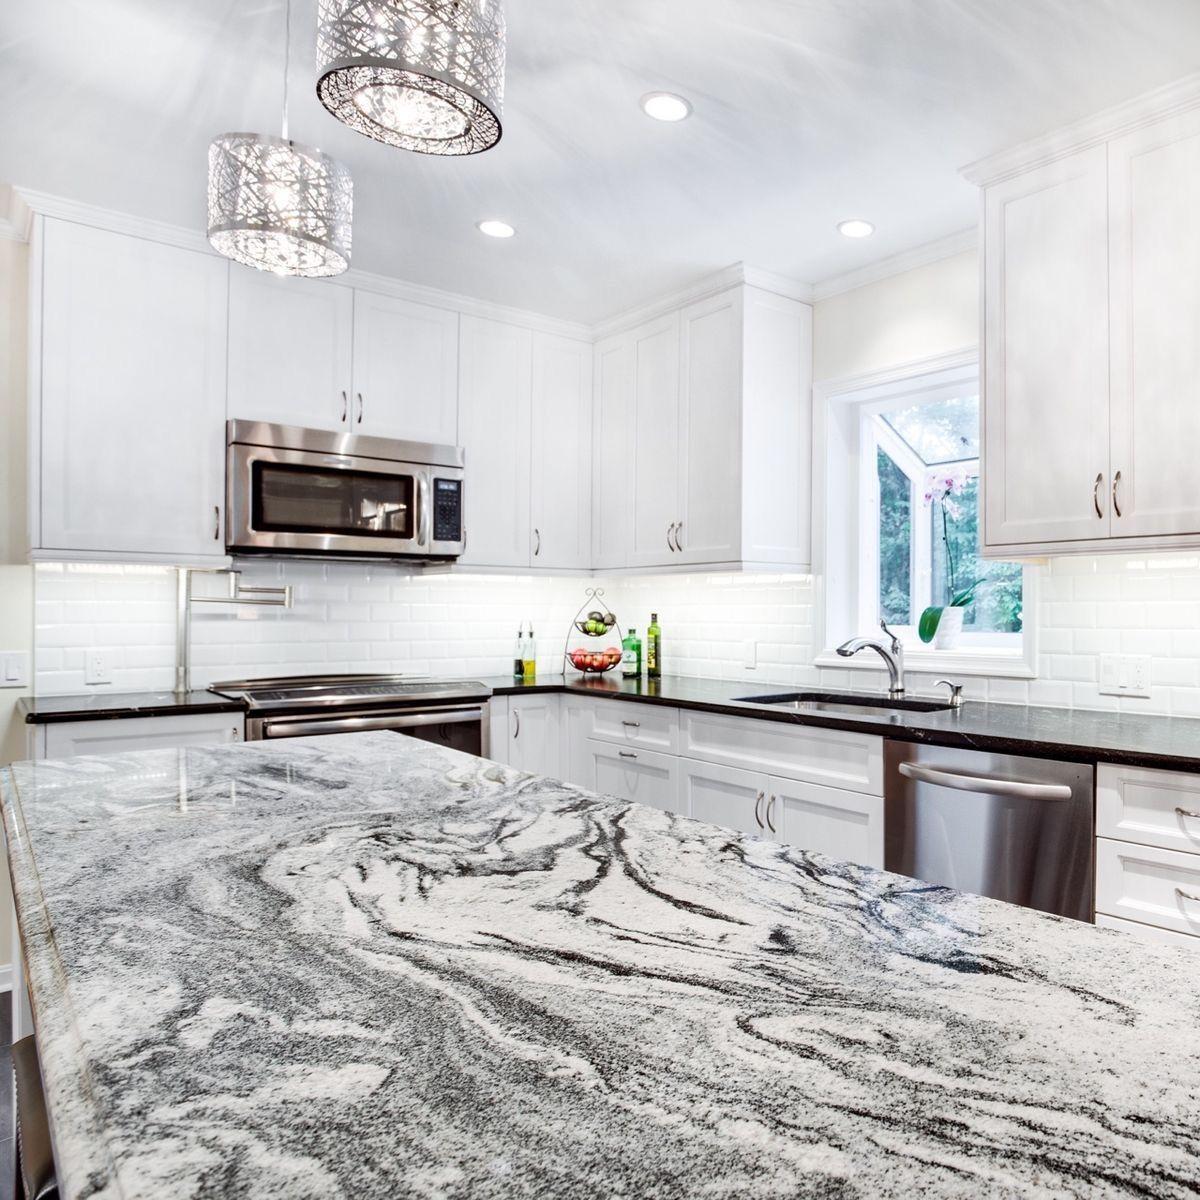 Granite Countertops In Elk Grove Village Il 2020 In 2020 Granite Kitchen Island Granite Countertops Kitchen White Granite Kitchen